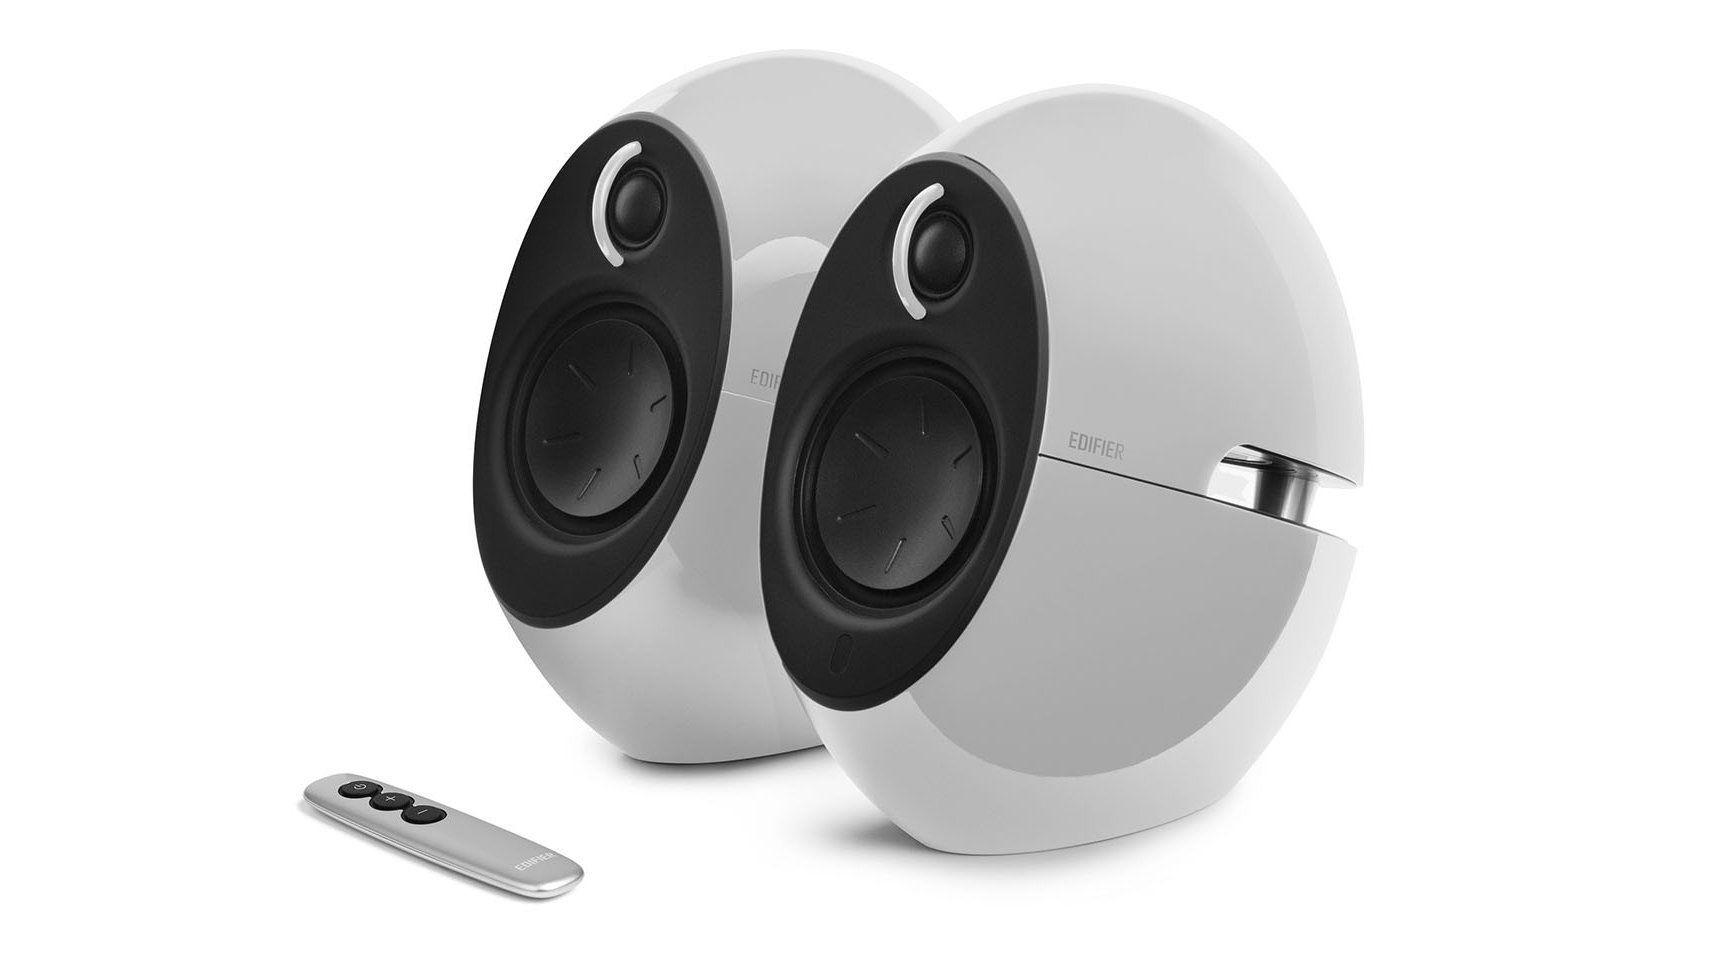 Best Computer Speakers Under $50 in [2021]